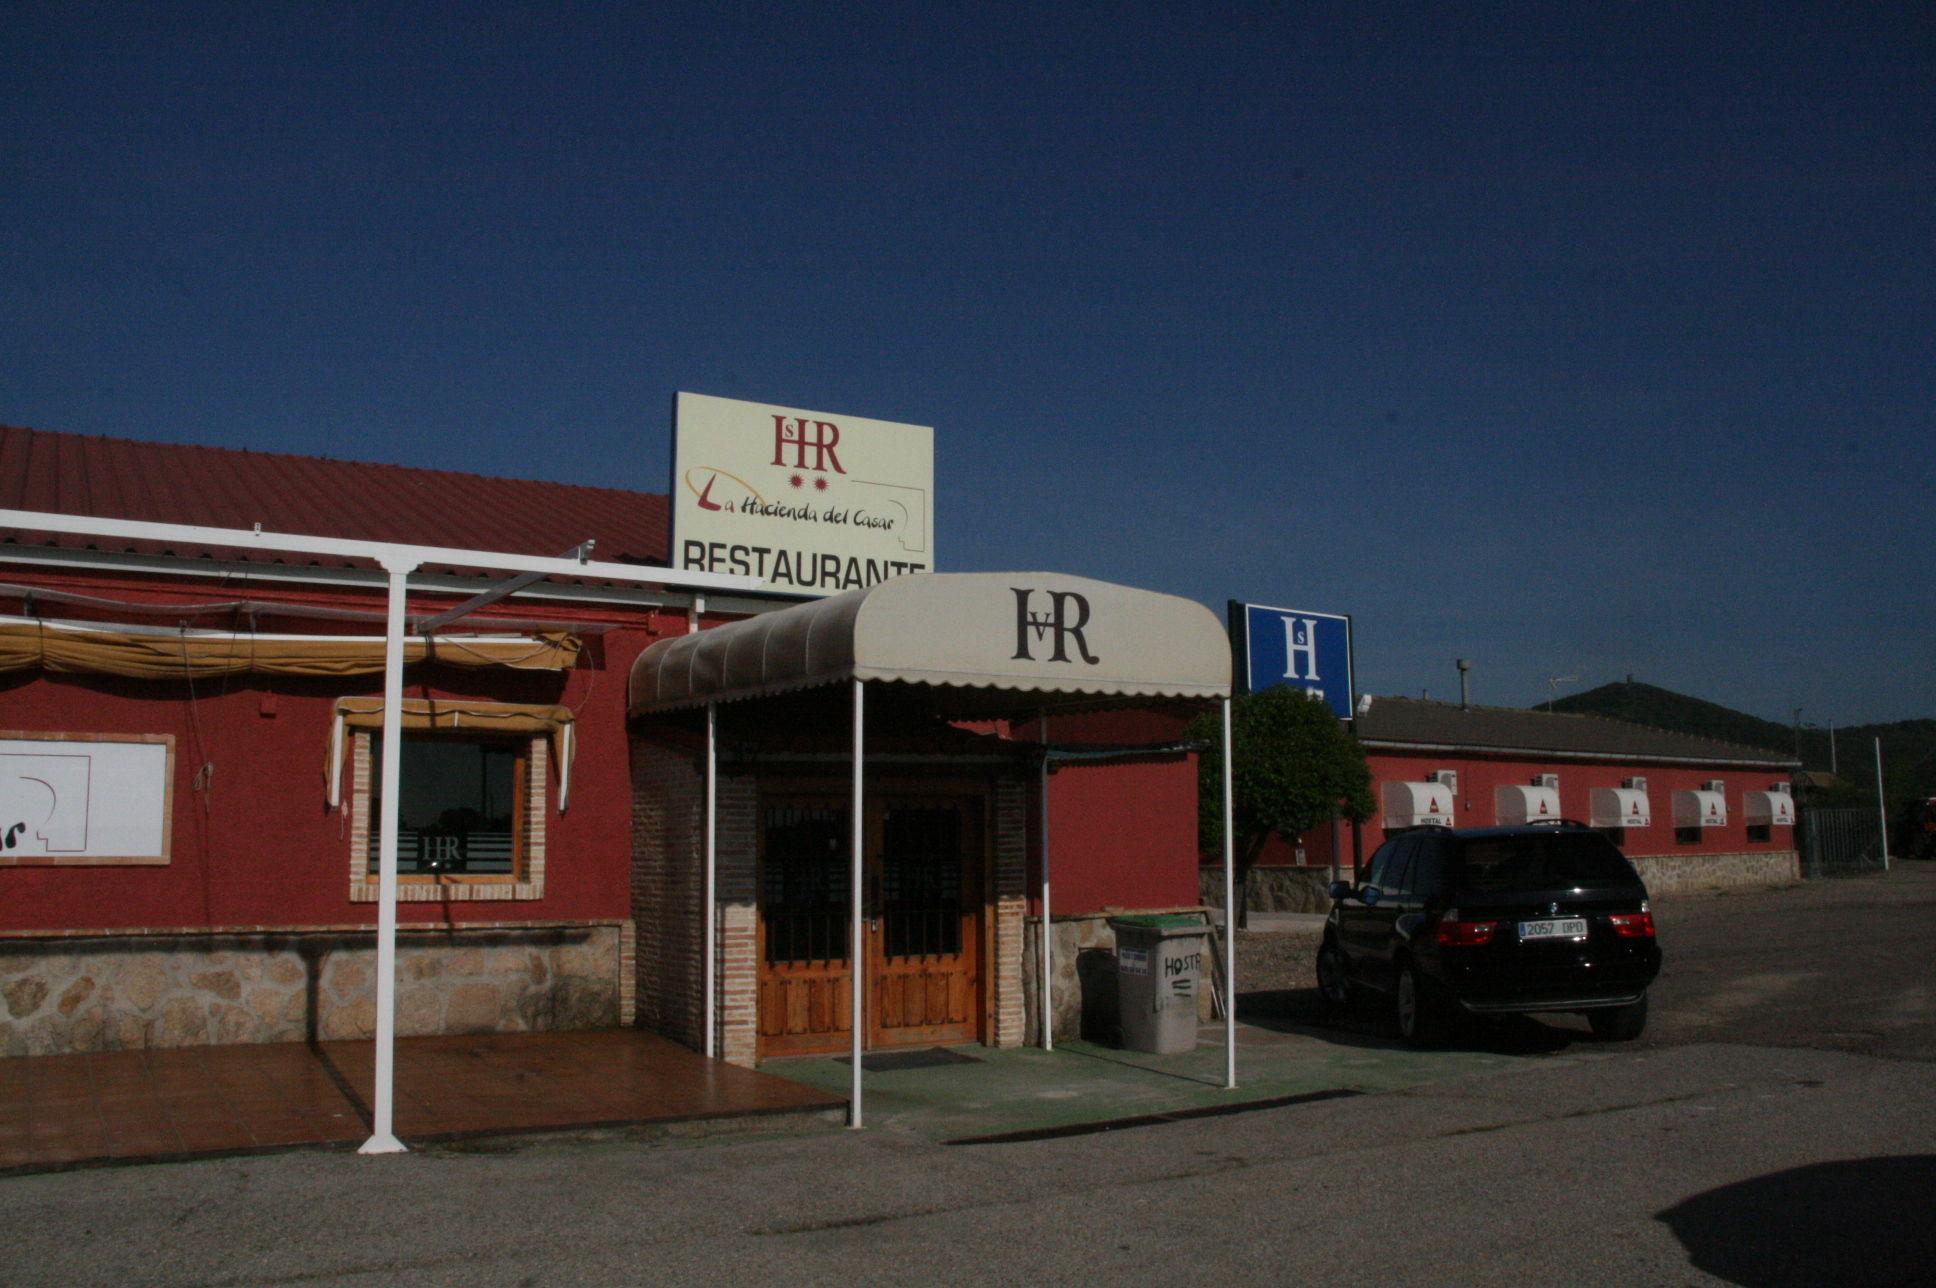 Foto 2 de Hostales en Talavera De La Reina | La Hacienda del Casar